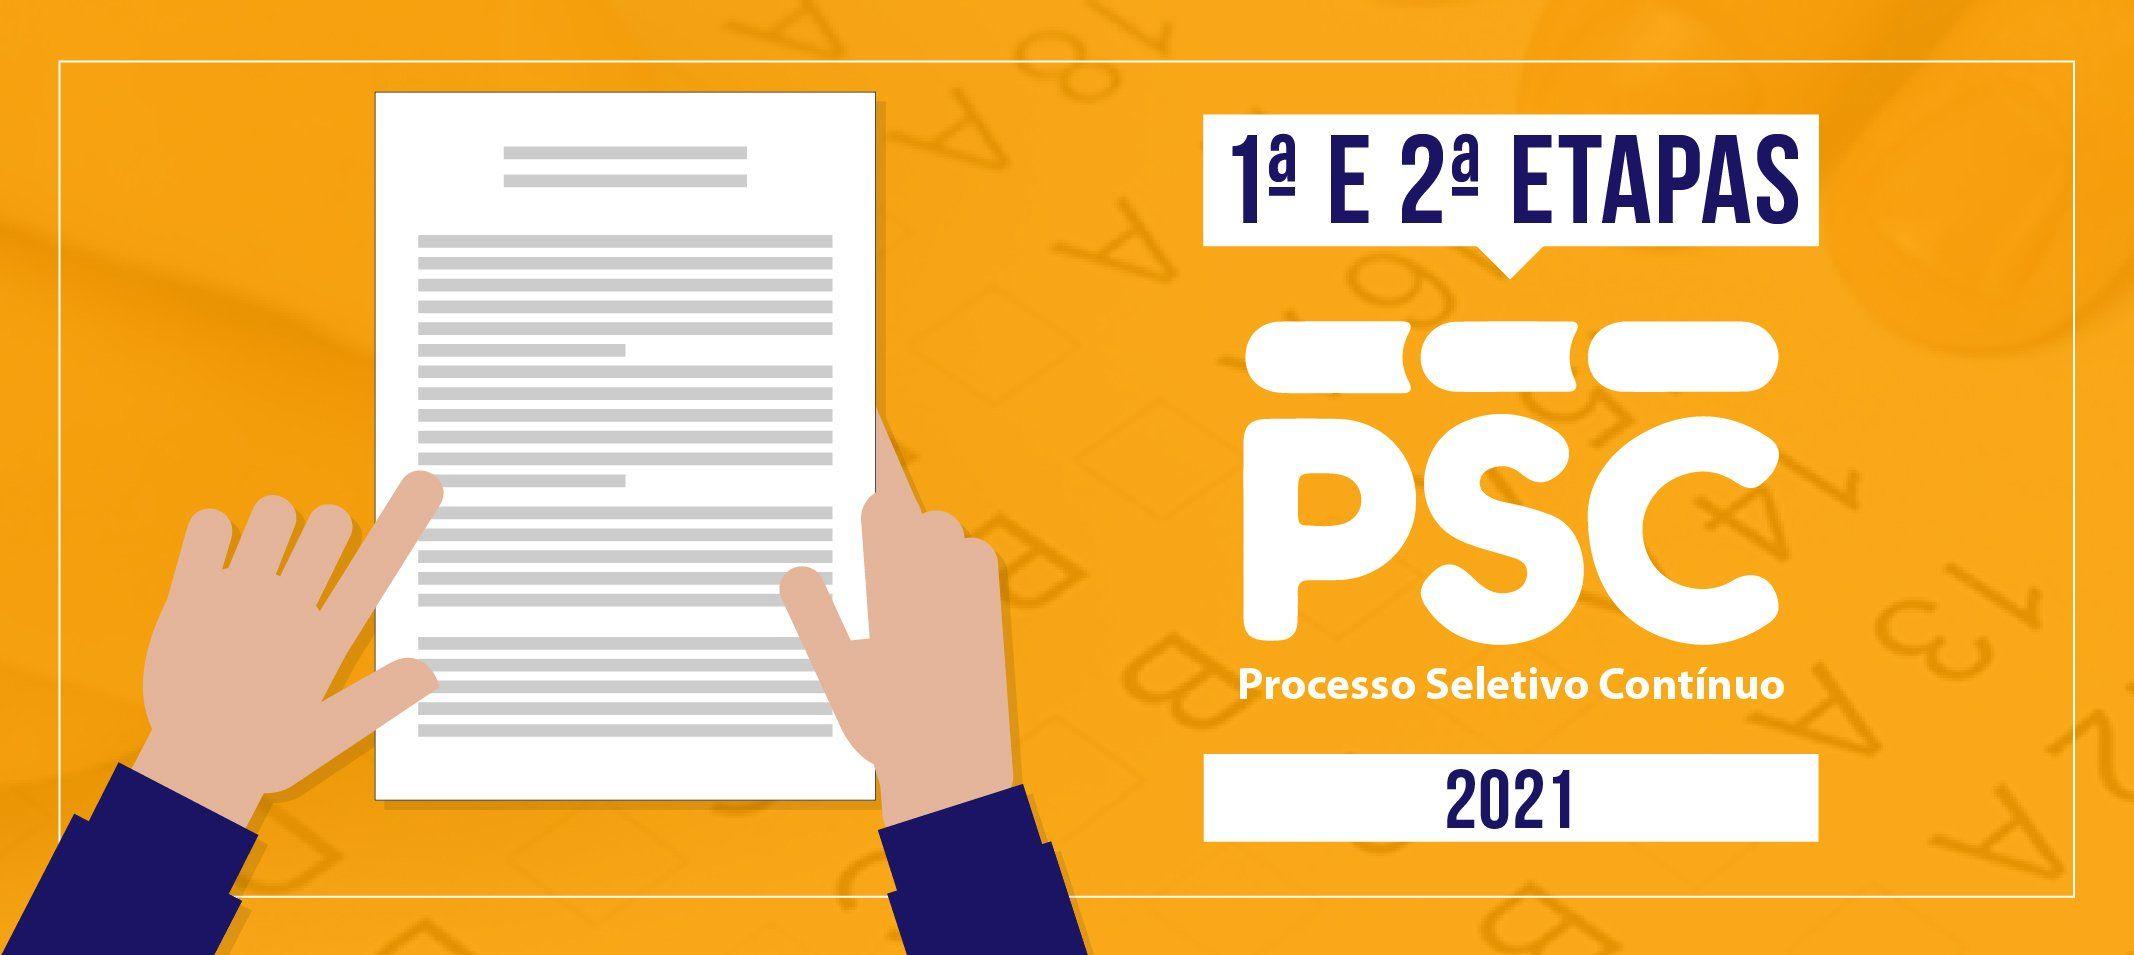 Compec publica editais de abertura para o Processo Seletivo Contínuo - PSC 2021 - 1ª Etapa e  Processo Seletivo Contínuo - PSC 2021- 2ª Etapa